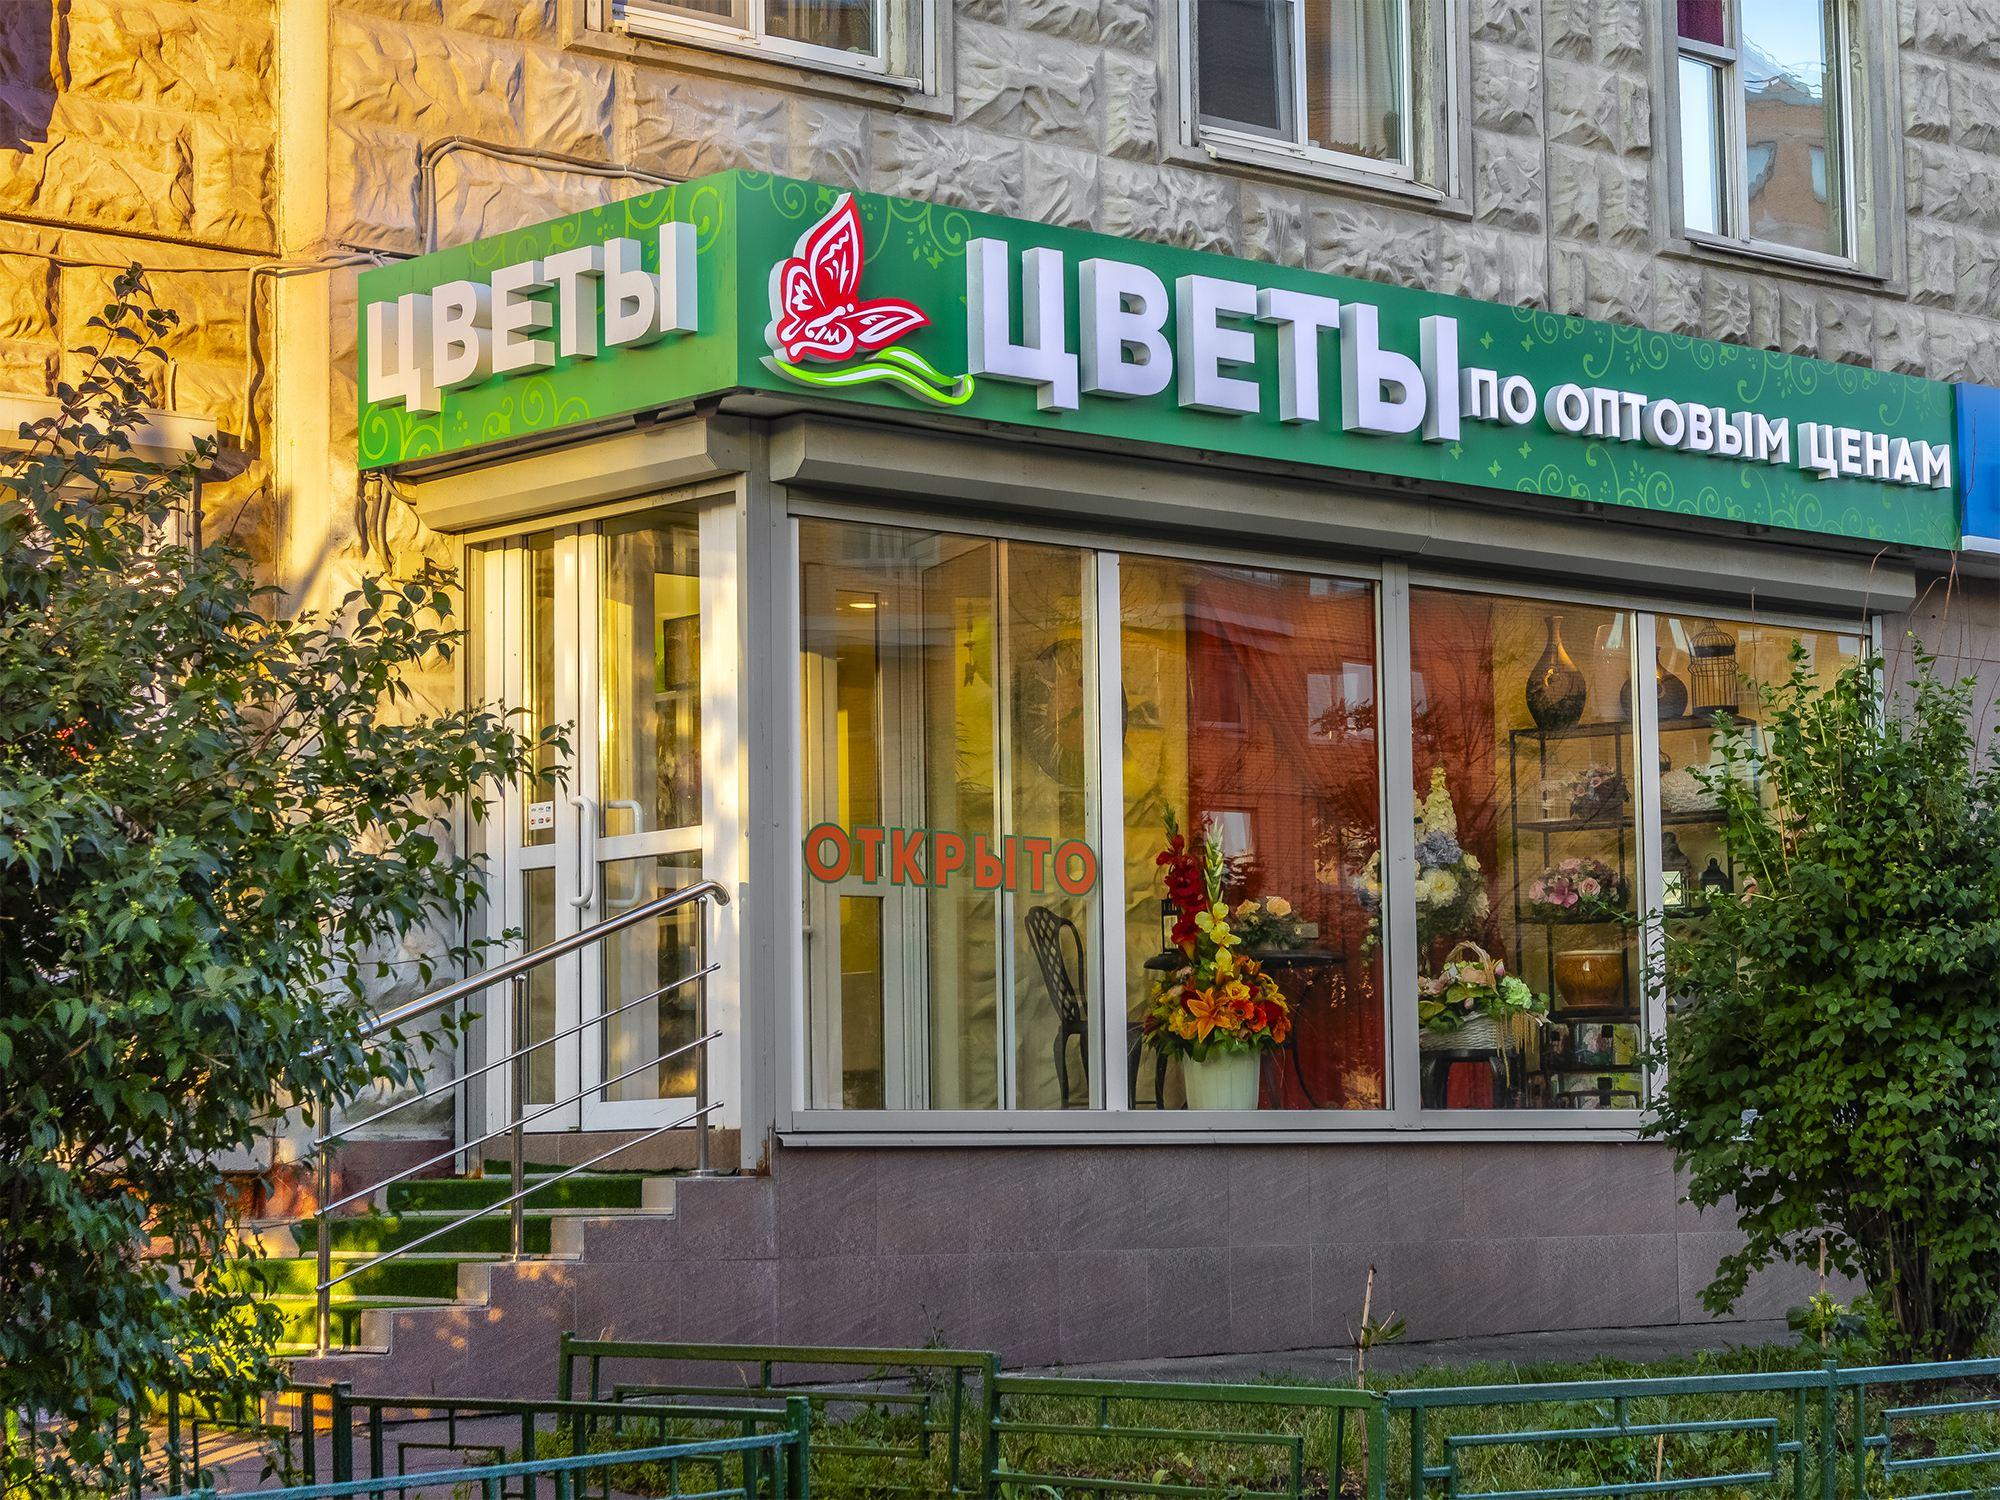 рекламные вывески цветочных магазинов фото является как его